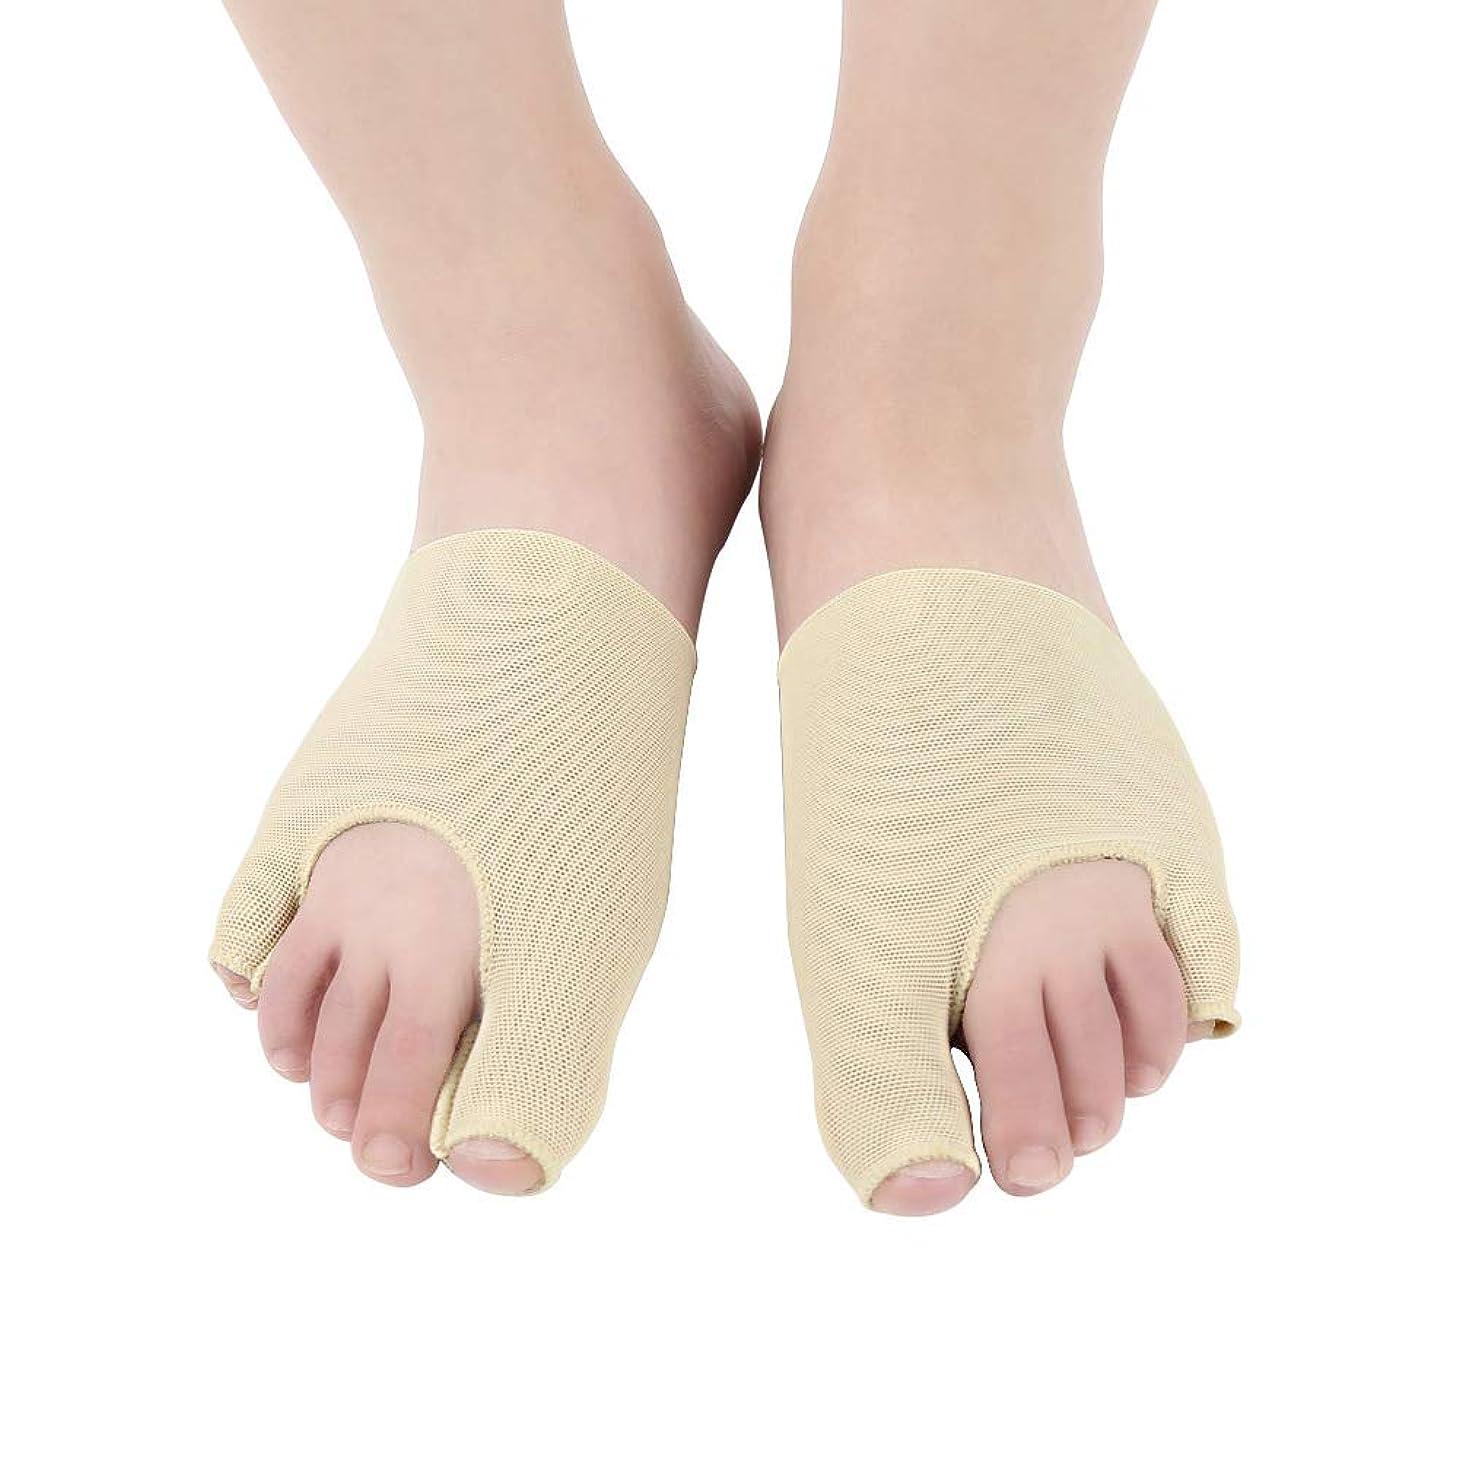 瞑想旋律的盗難高弾性のためのつま先補正靴下ケア厚手のダンピング吸収汗通気性ナイロン布をつま先外反の重複を防ぐために吸収,2pairs,S